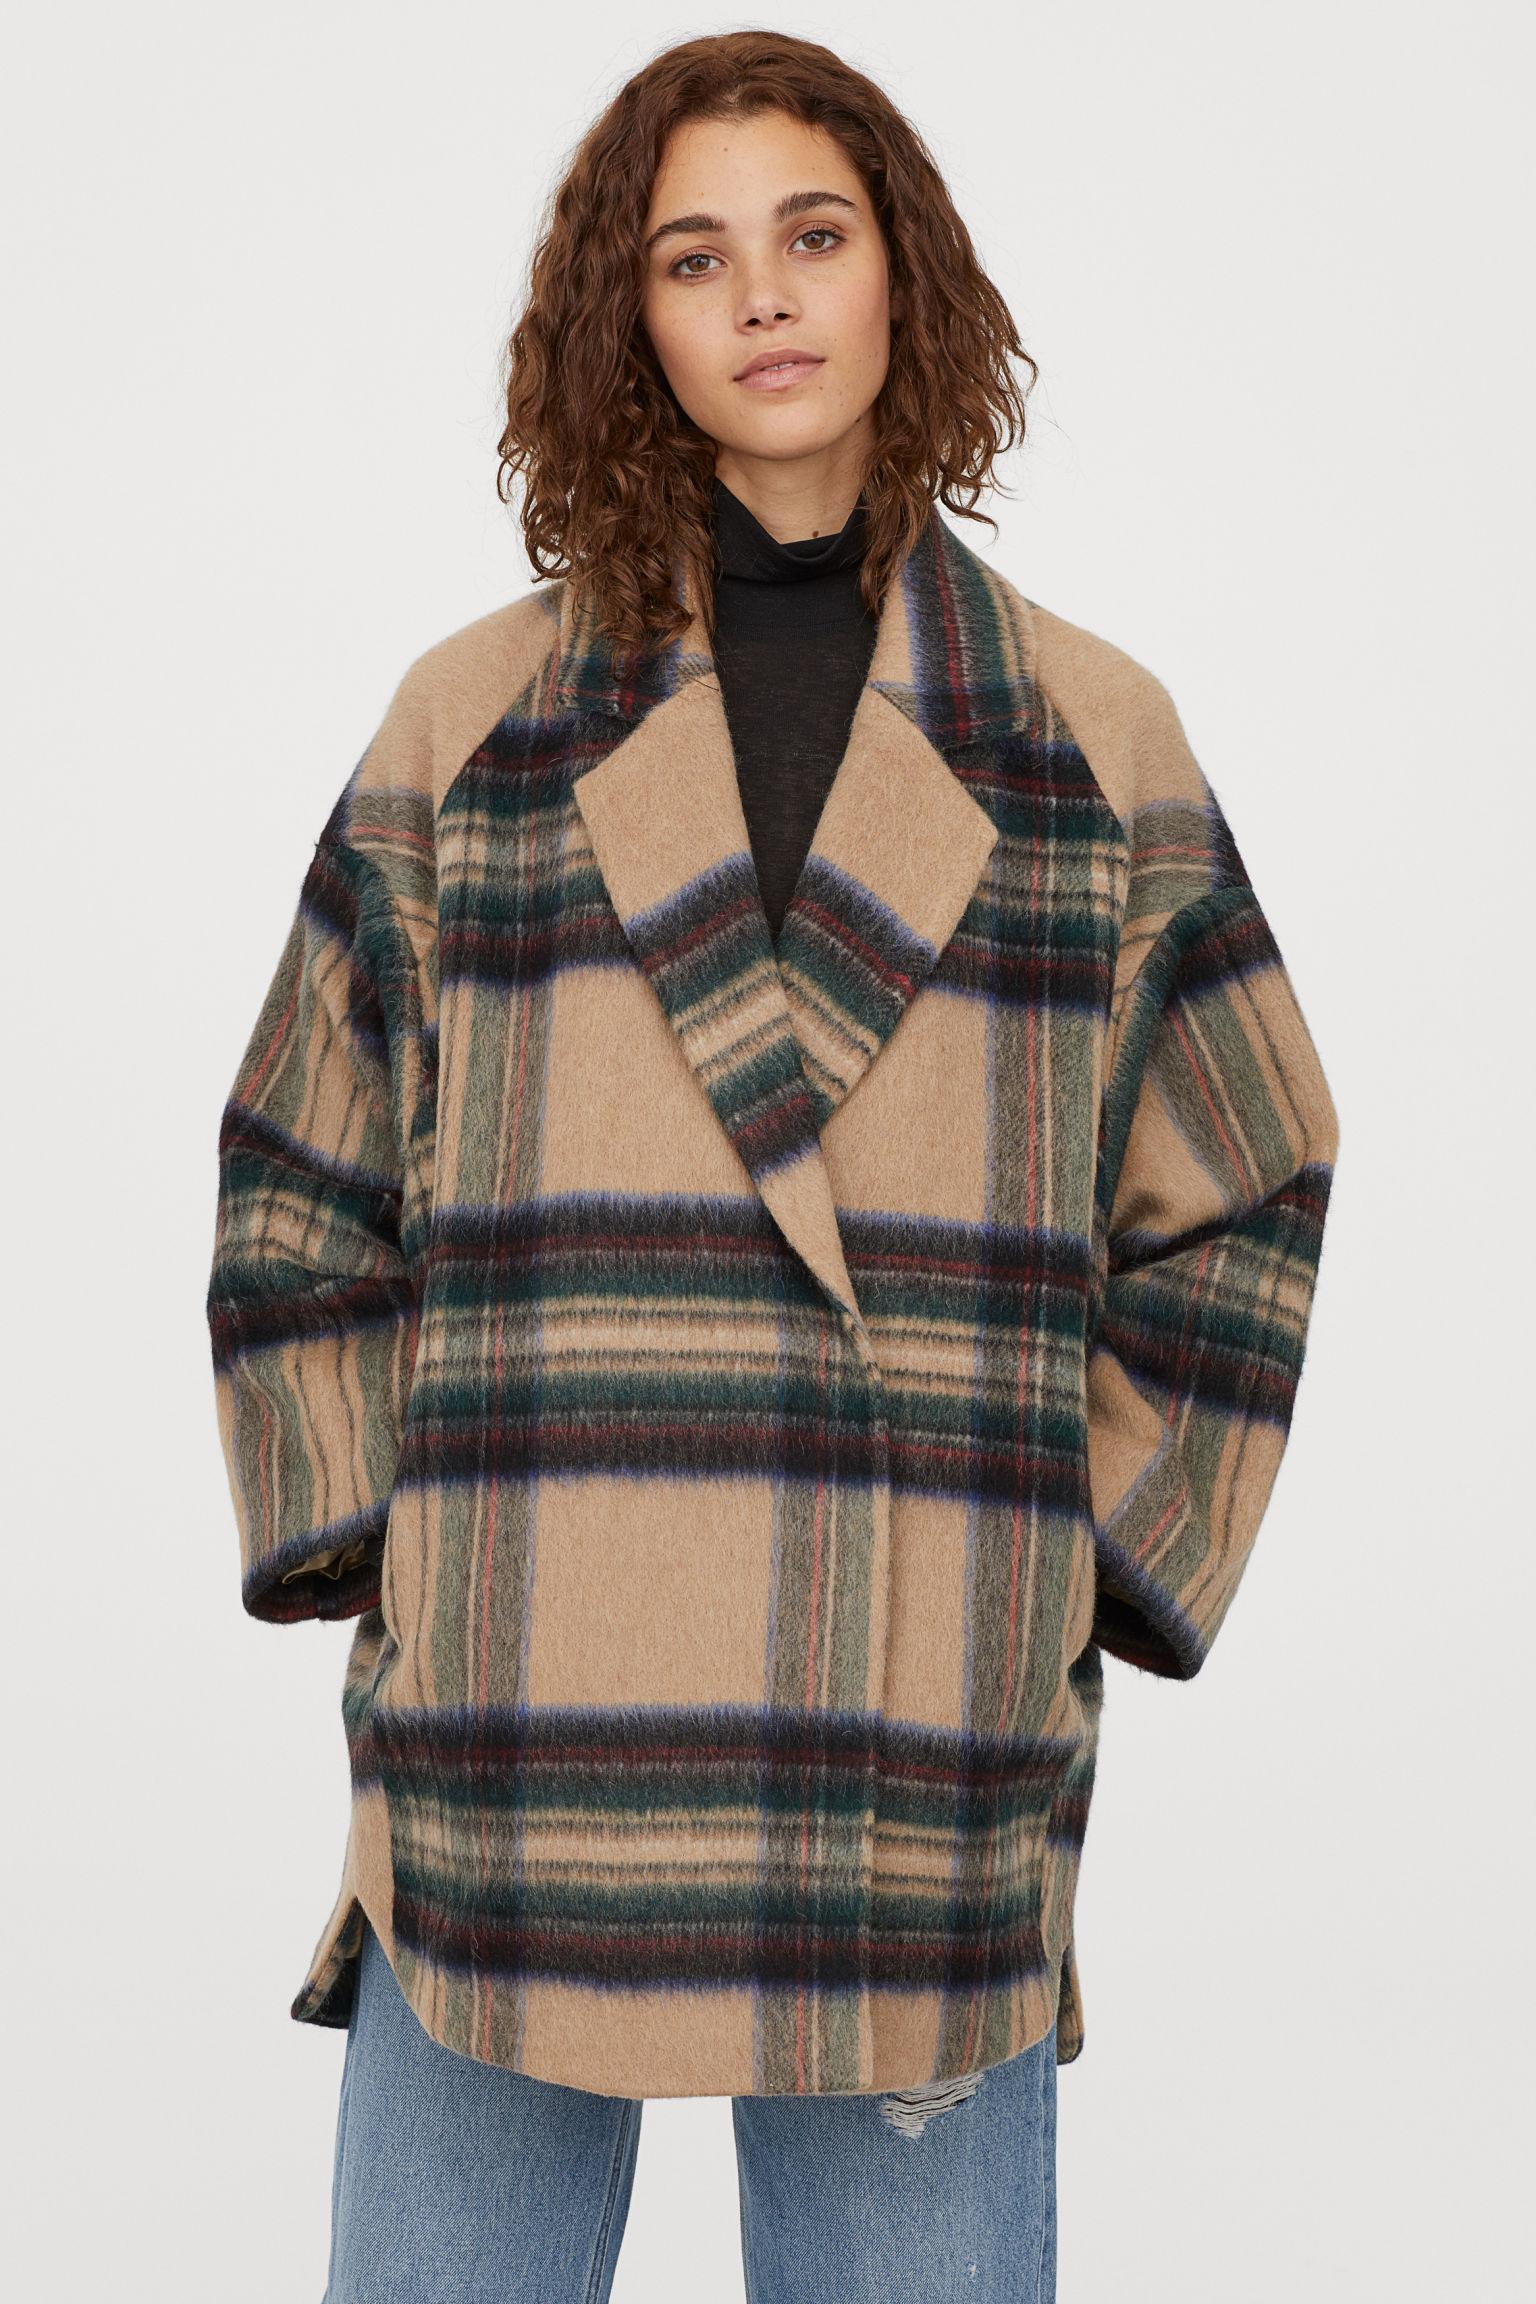 Mantel aus Wollmischung - Beige/Kariert - Ladies | H&M DE